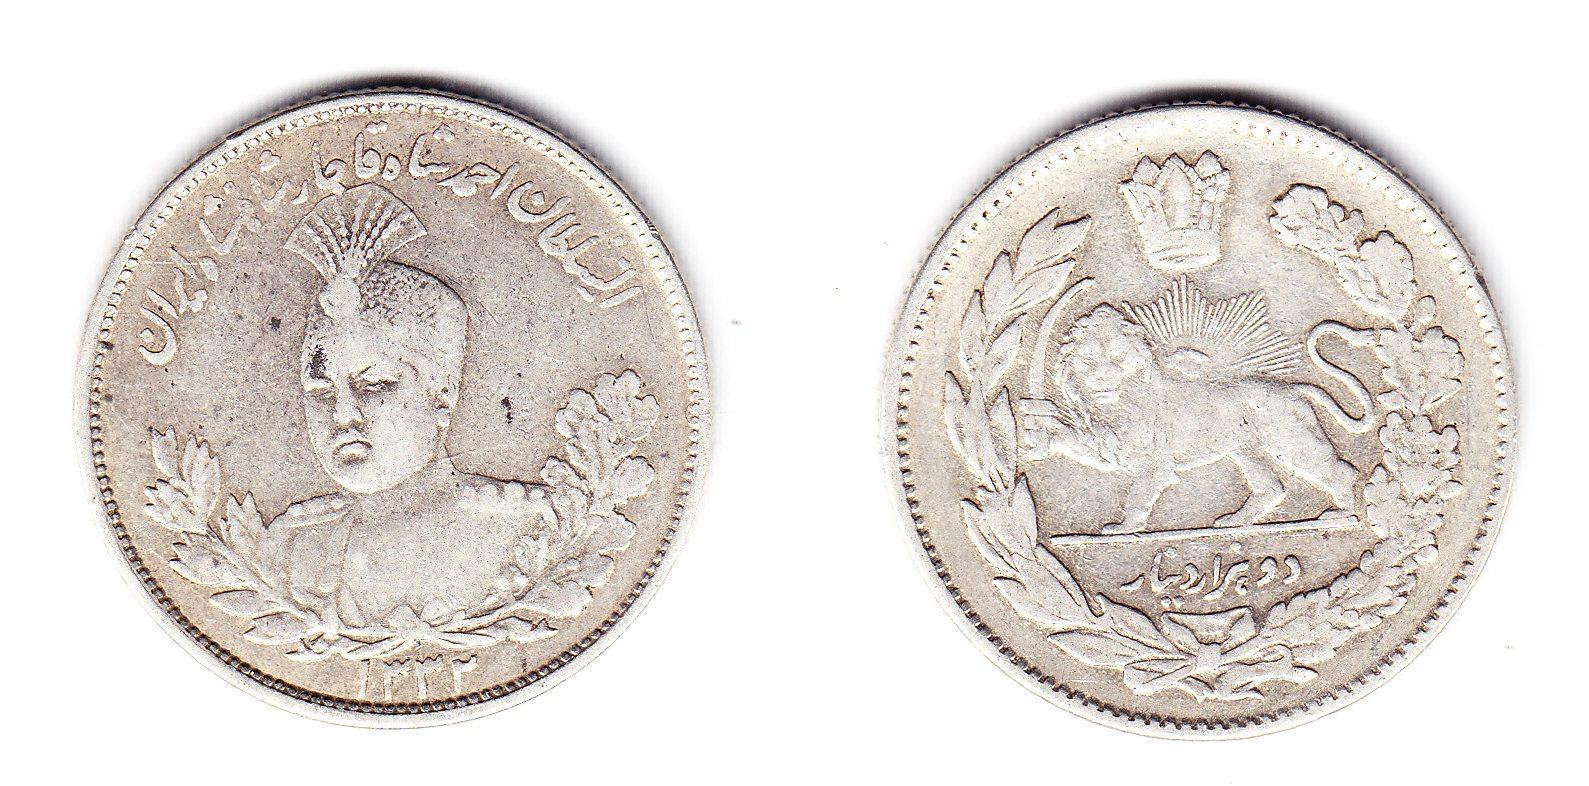 Iran 2000 Dinar 1332 AH